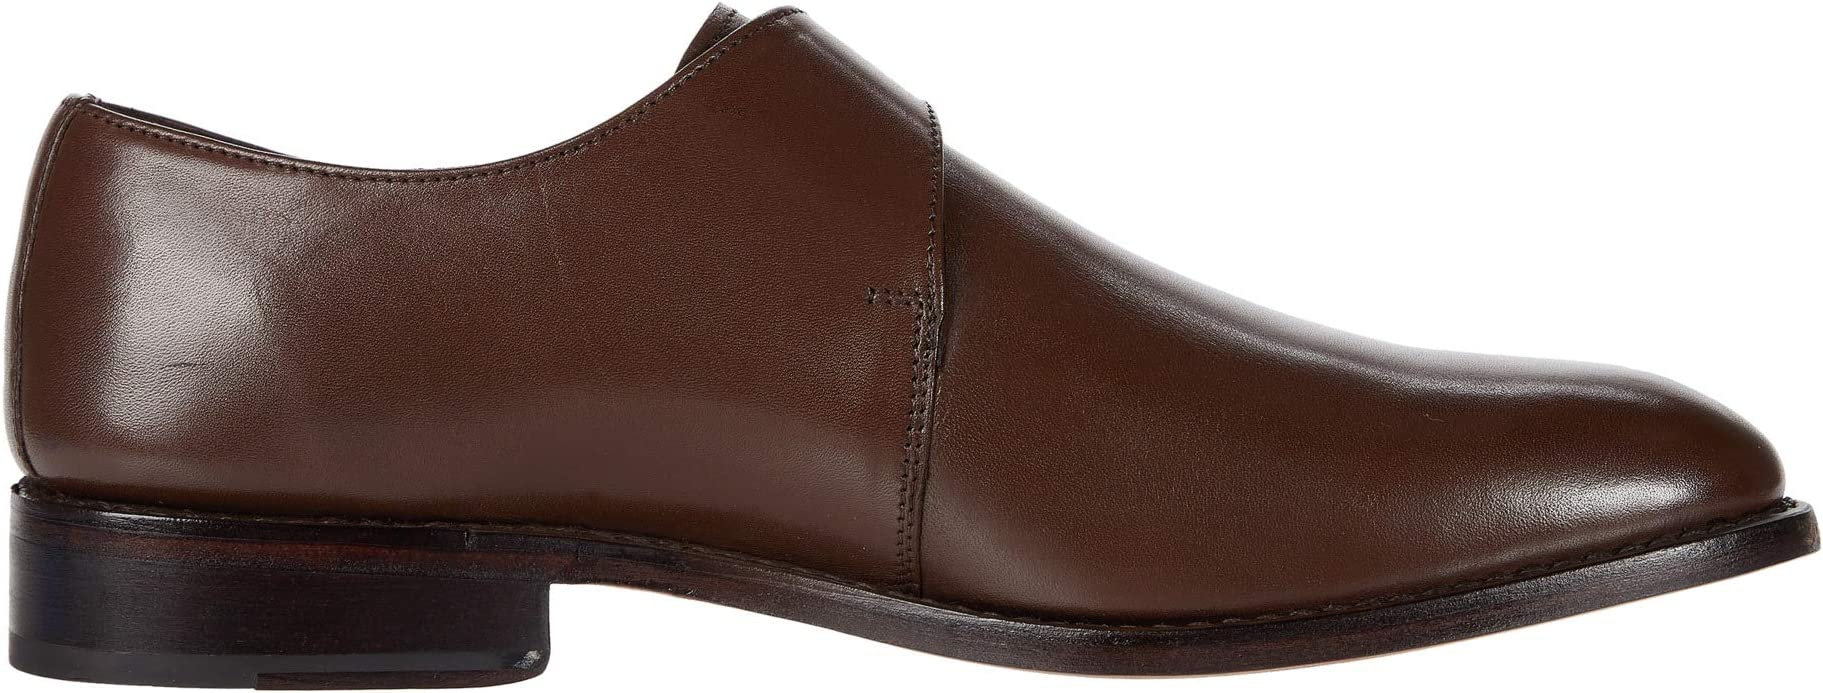 Anthony Veer Roosevelt Single Monk Strap | Men's shoes | 2020 Newest